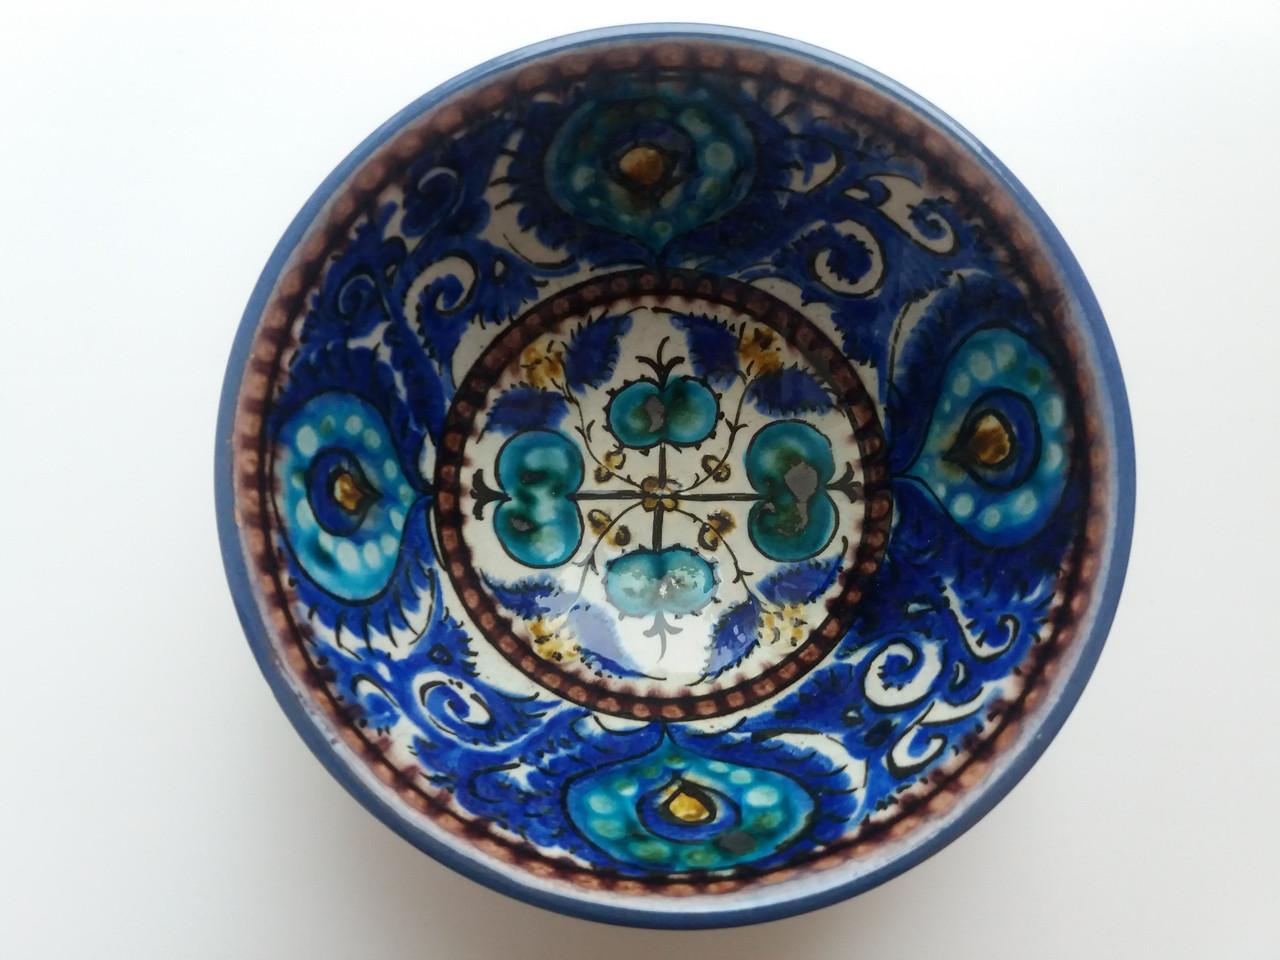 узбекская посуда для чая